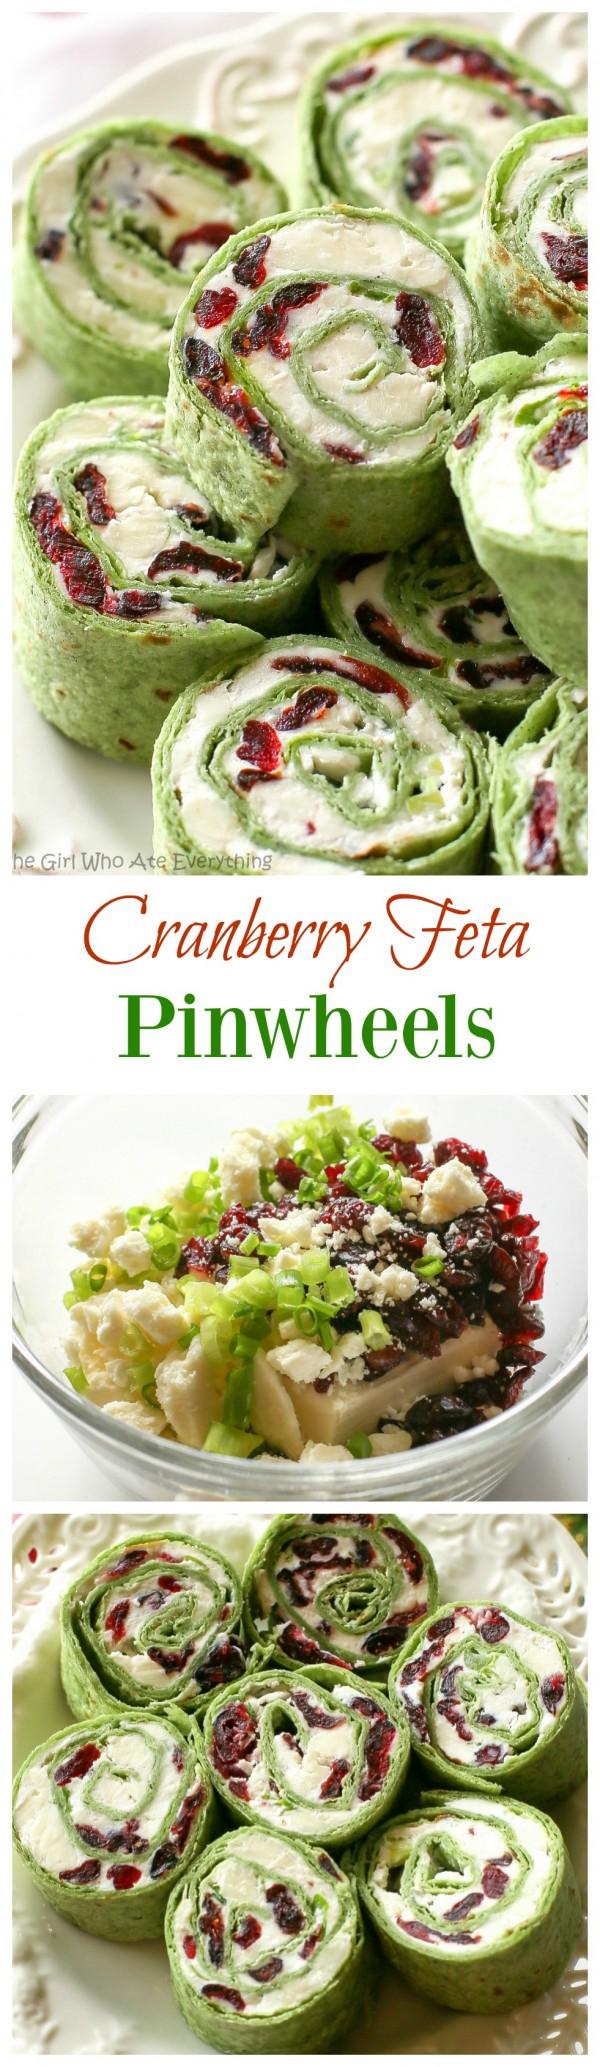 Get the recipe Cranberry Feta Pinwheels @recipes_to_go